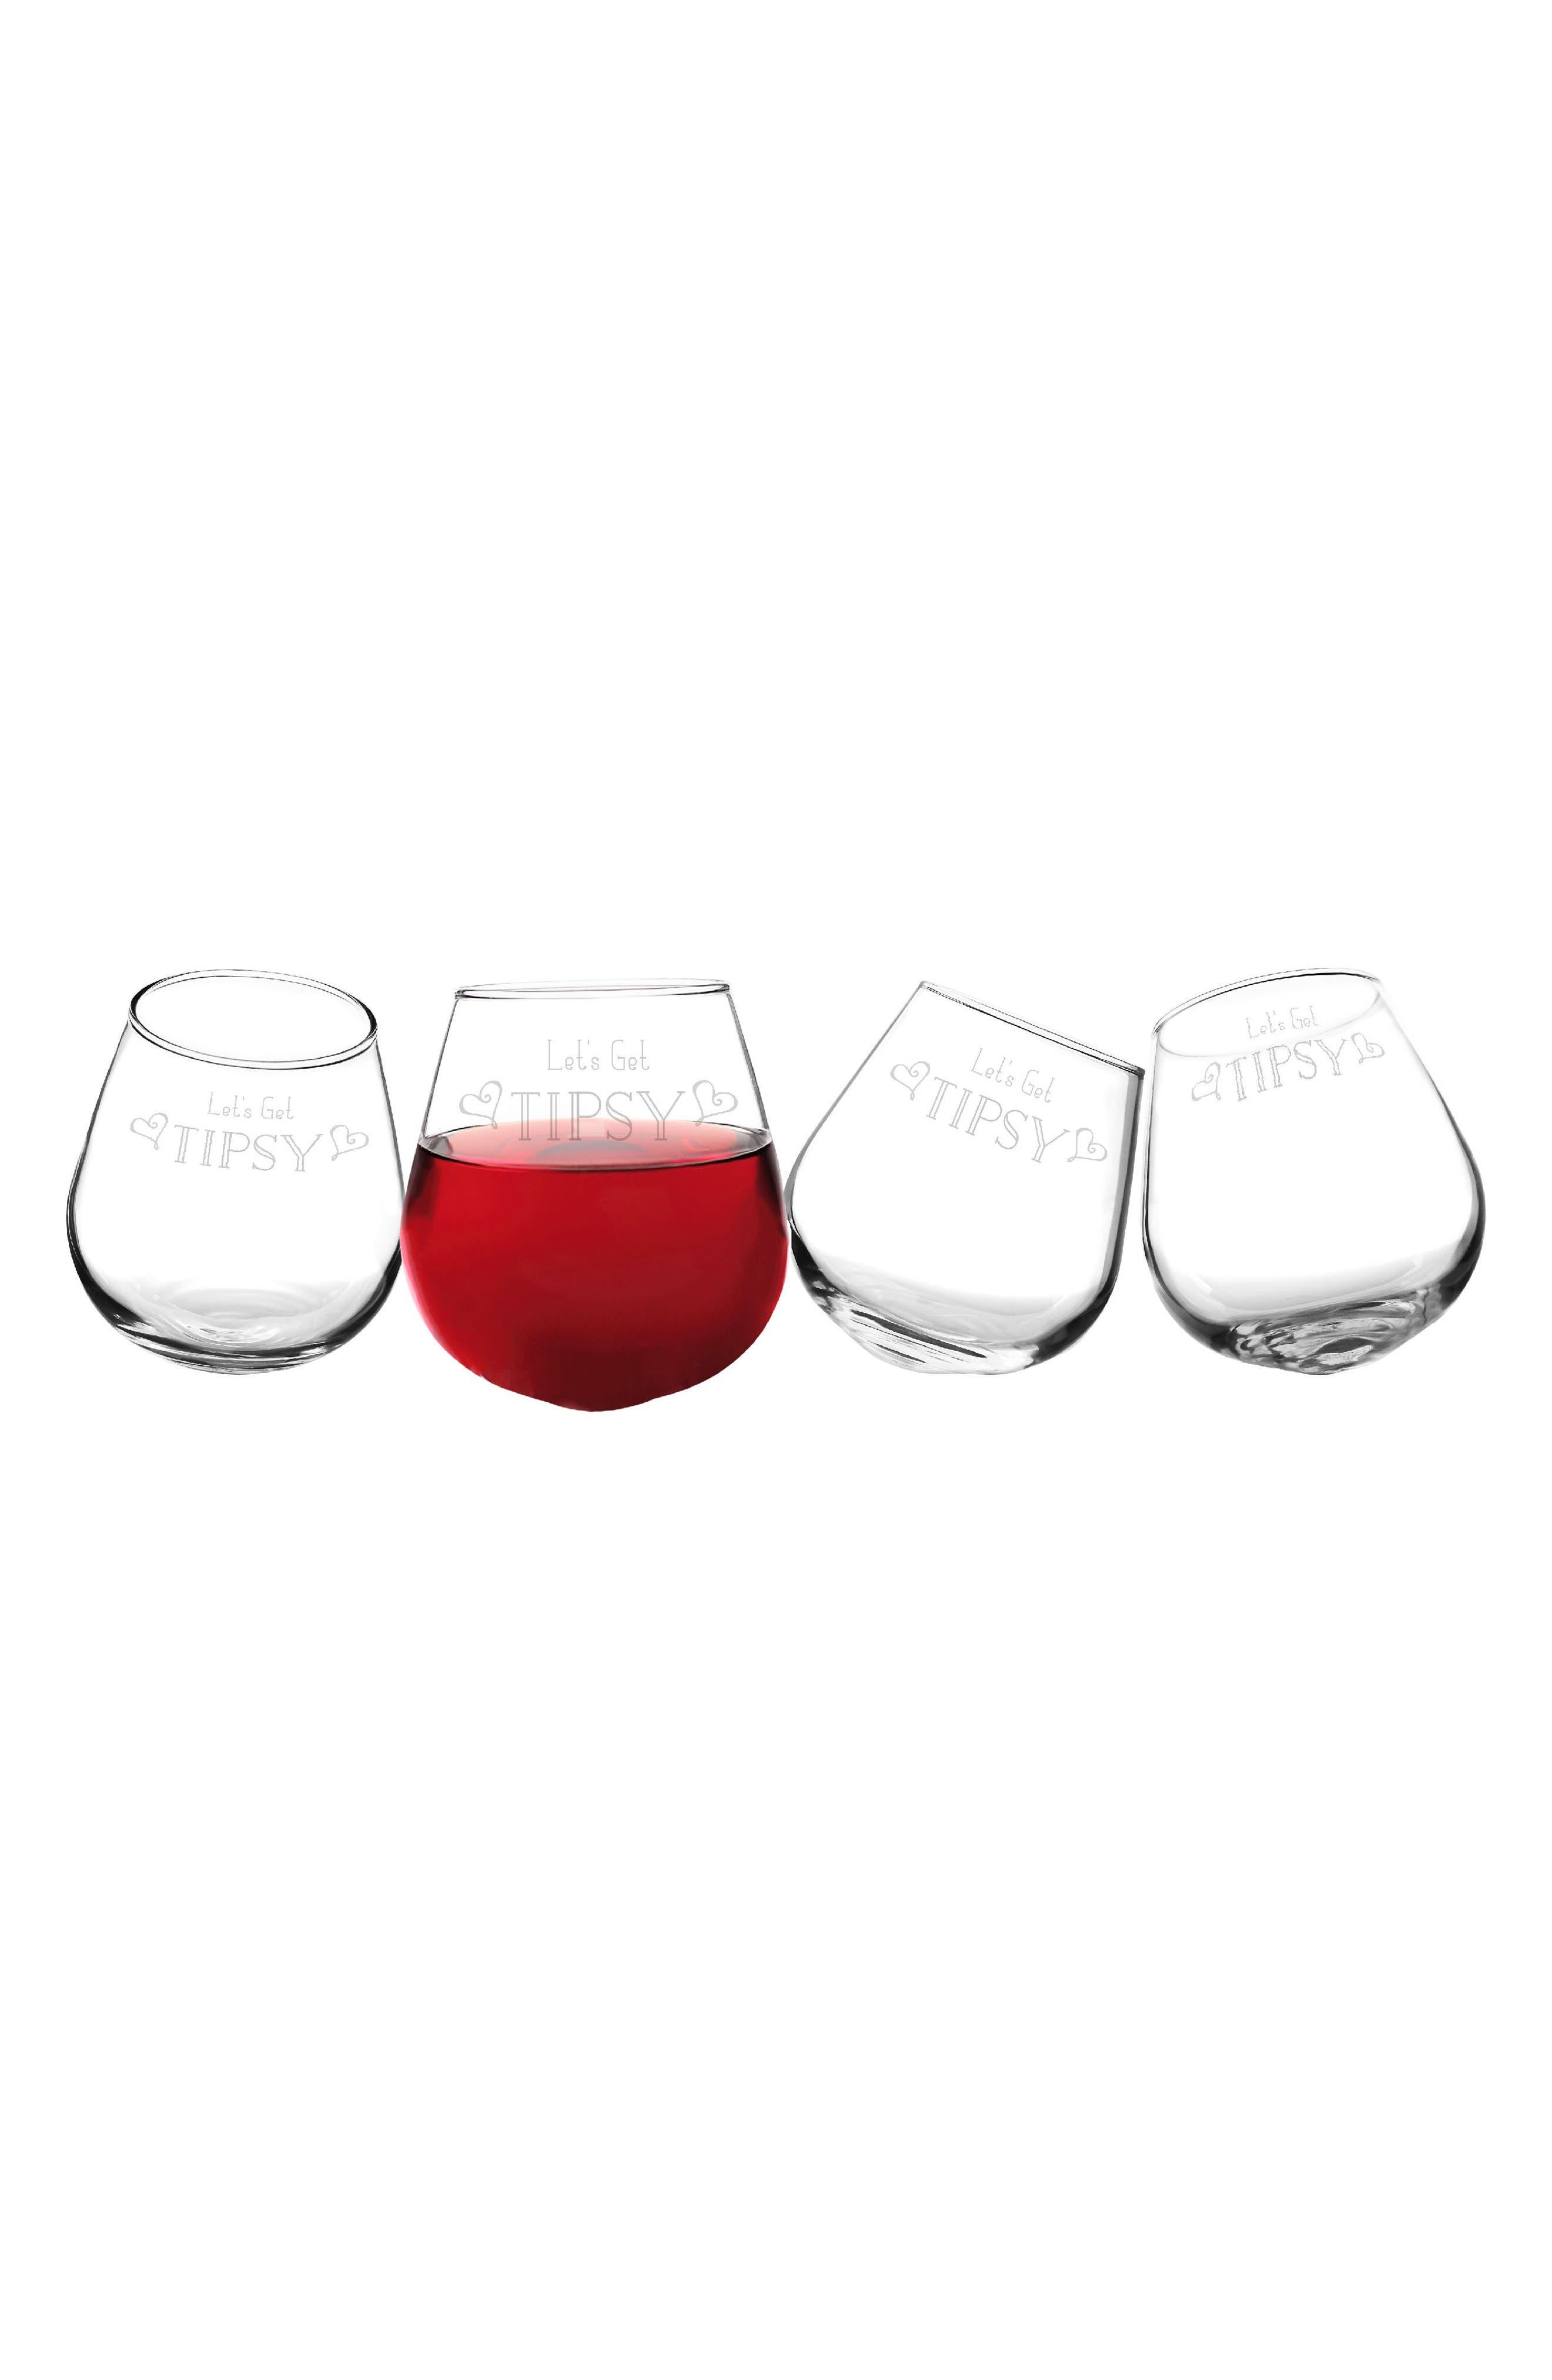 Let's Get Tipsy Etched Wine Glasses Set of 4,                         Main,                         color, GET TIPSY